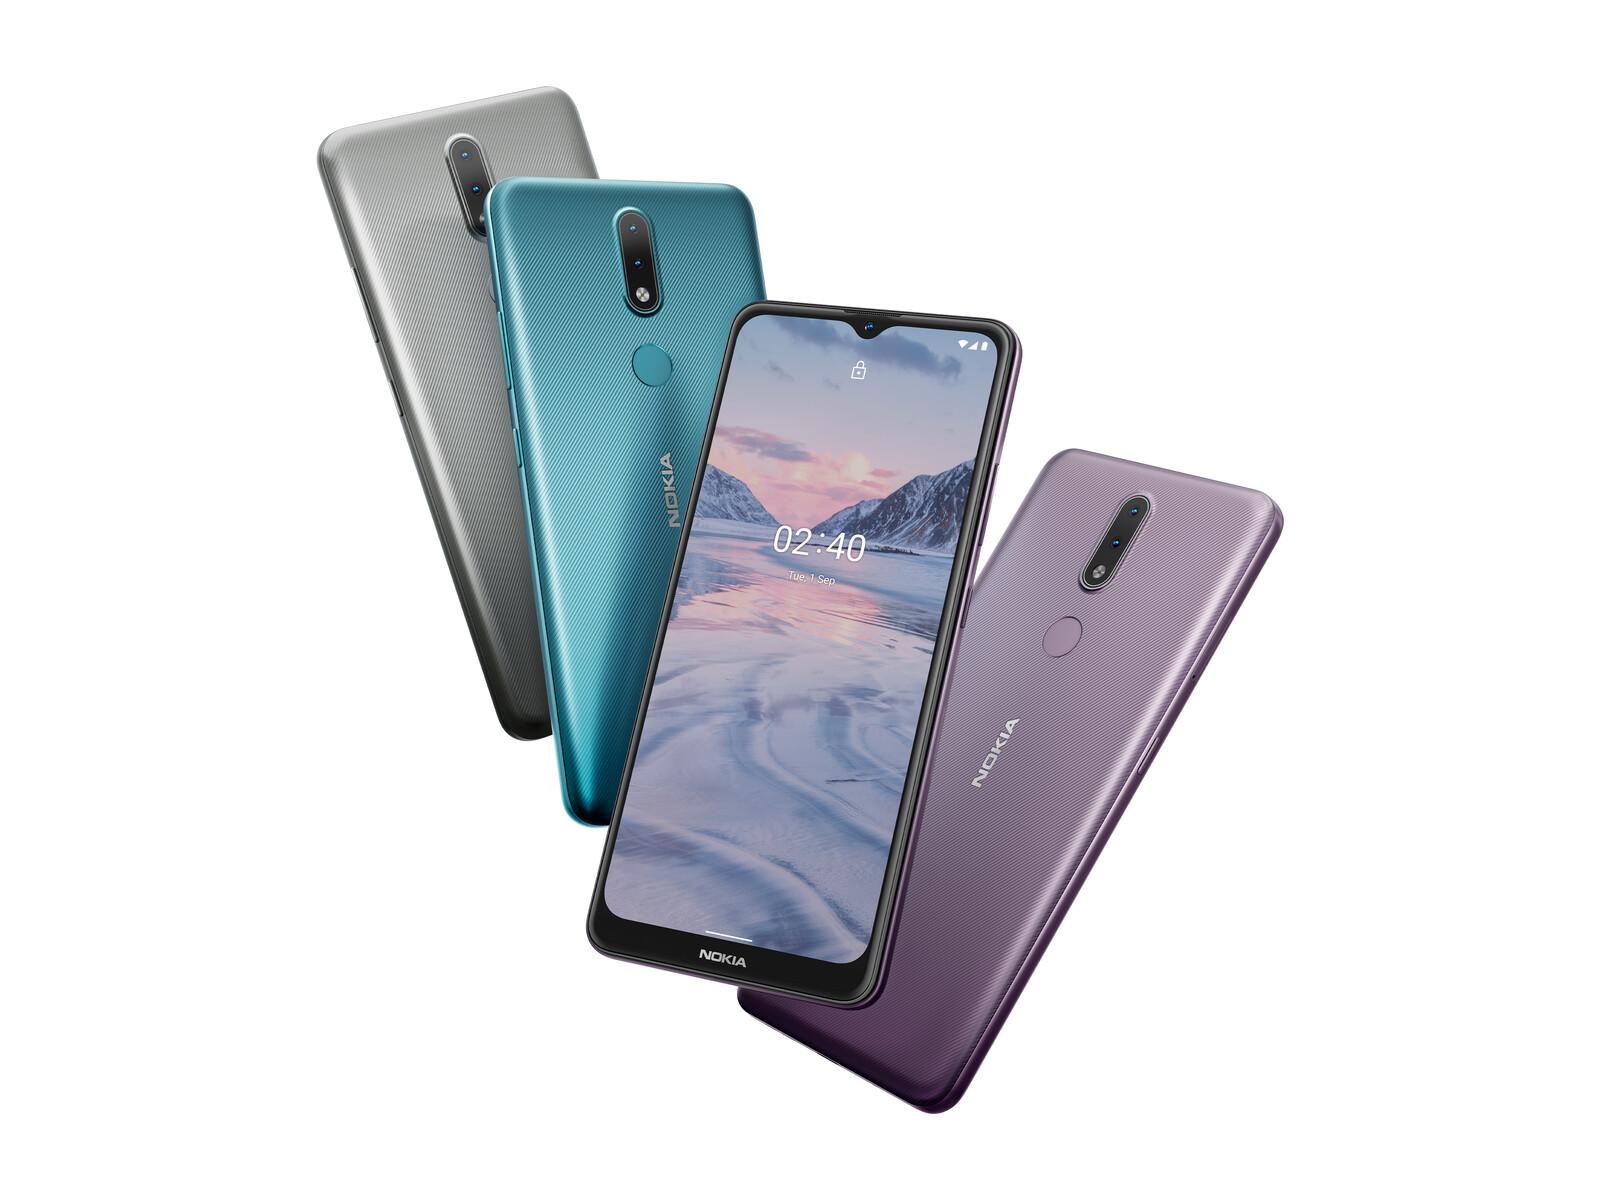 Nokia 2.4 - Notebookcheck-ru.com